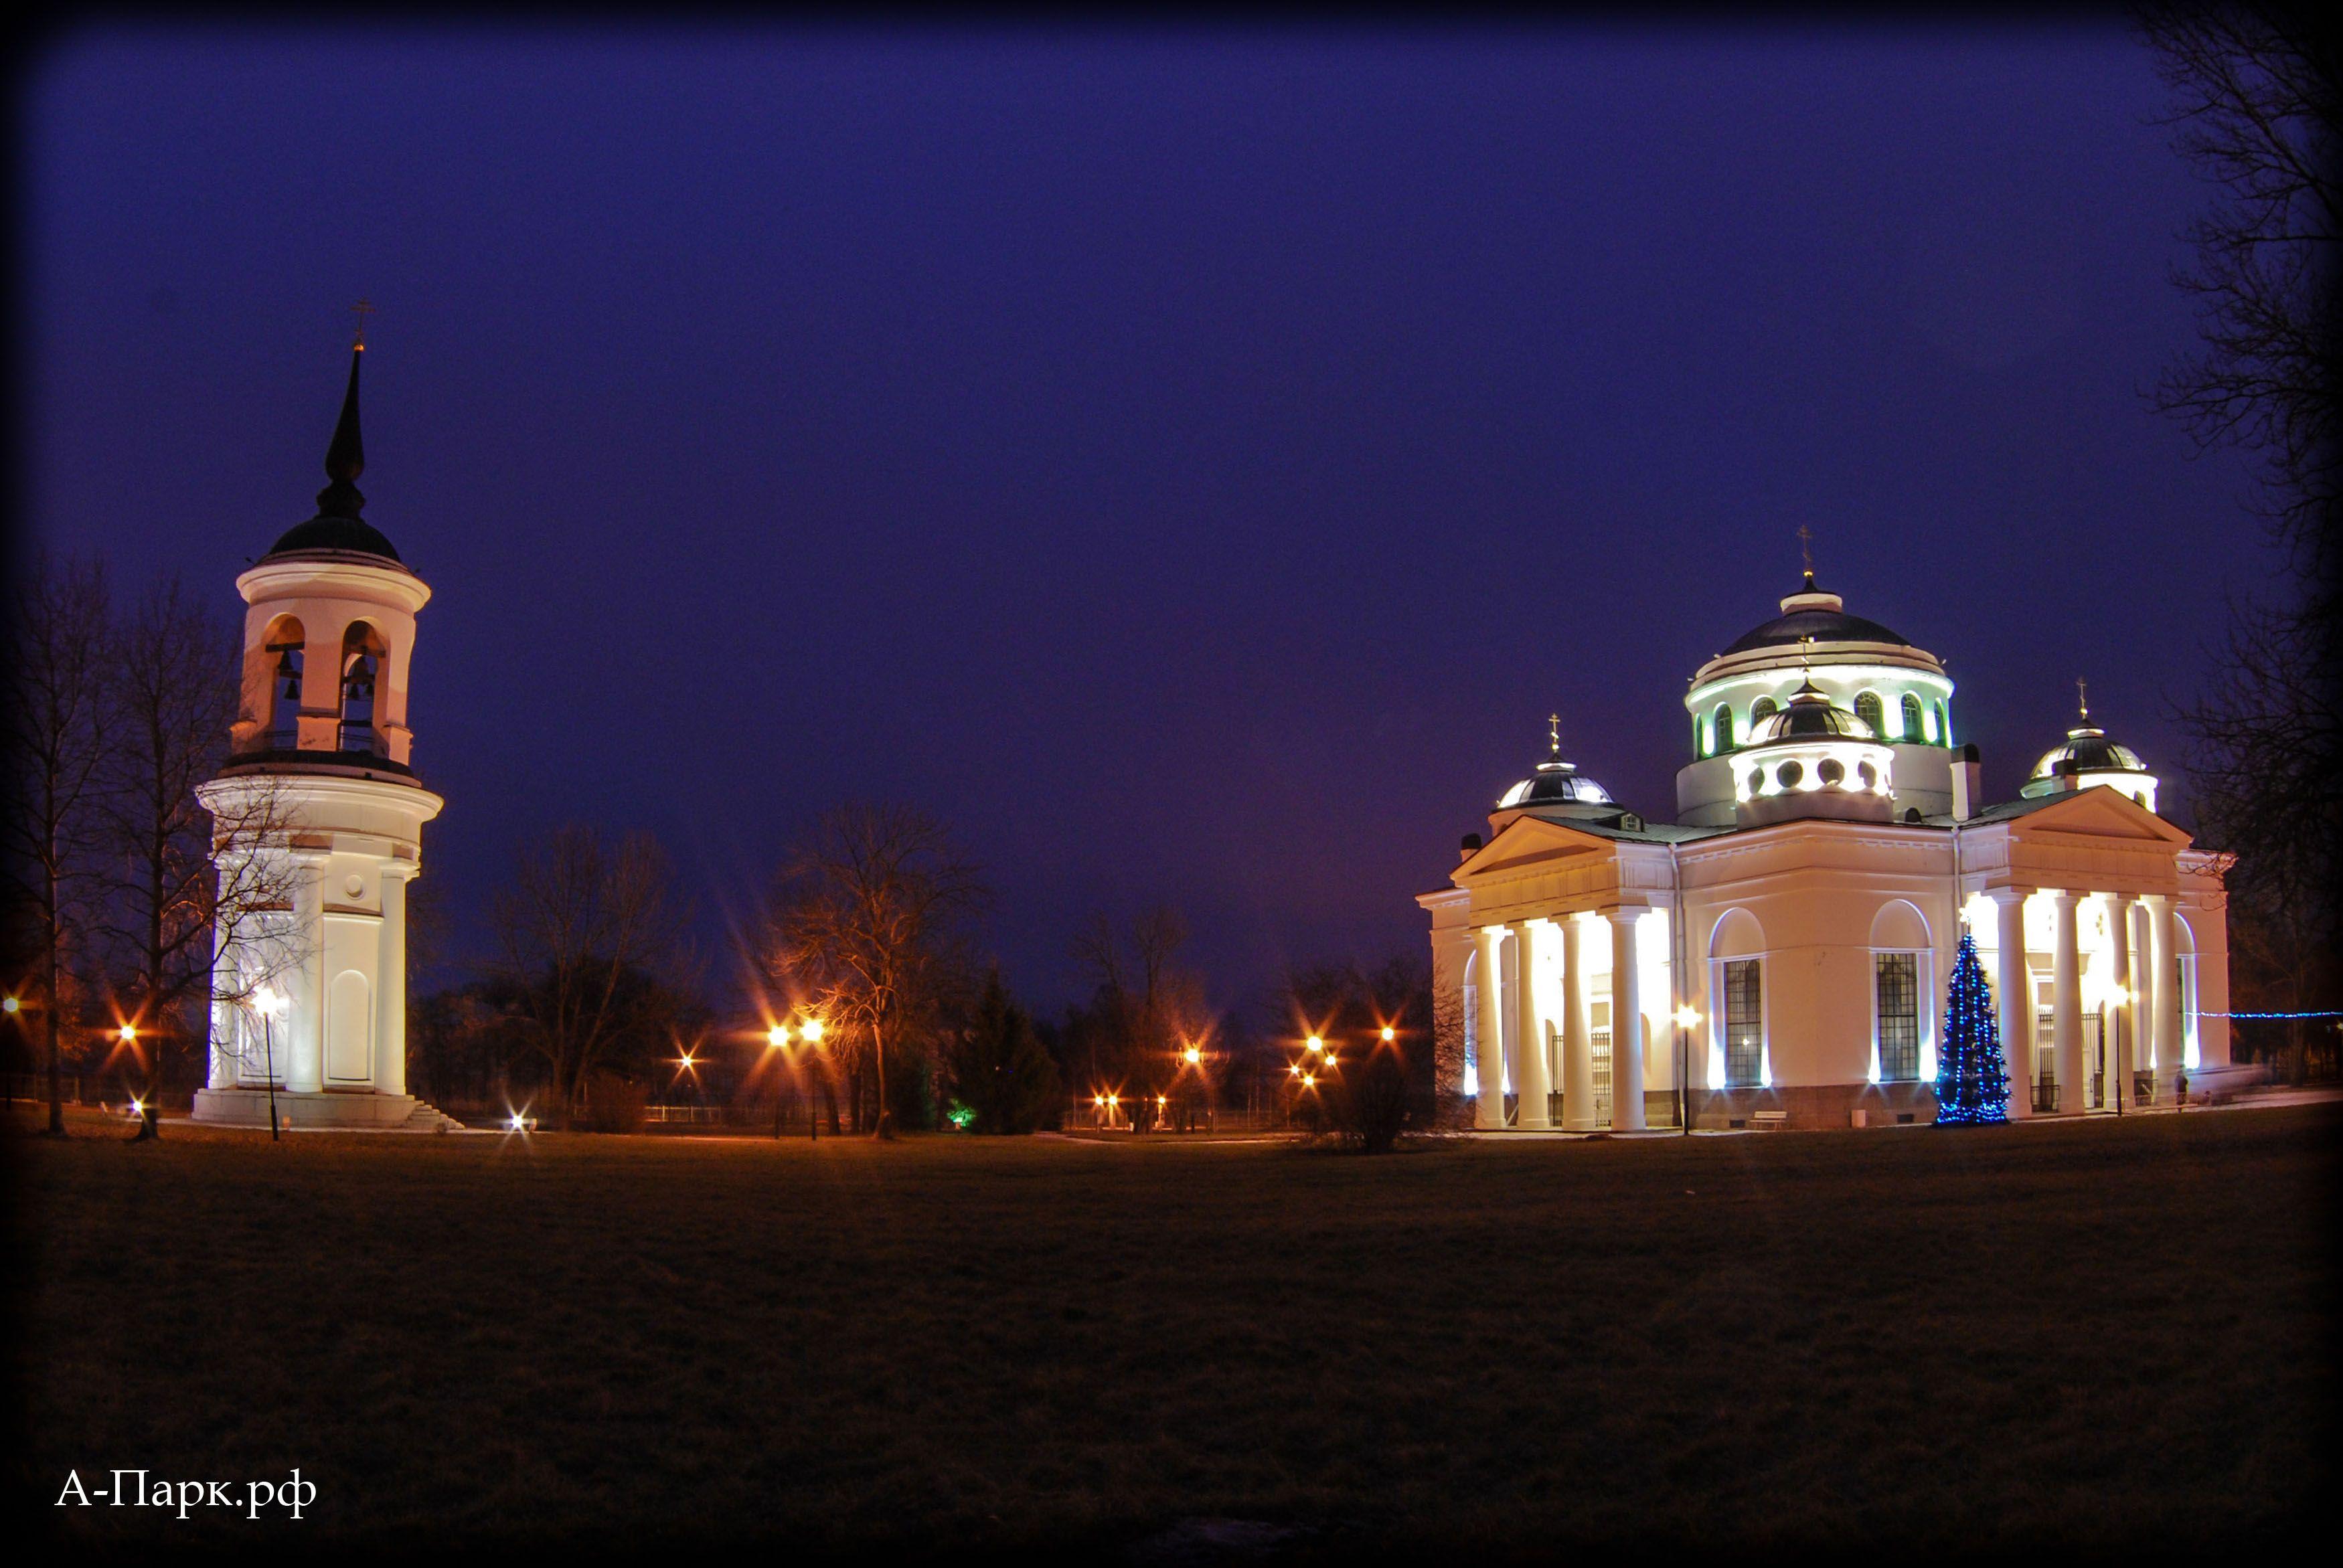 Cathédrale Sainte Sophie - Pouchkine - Construite entre 1782 et 1788 par l'architecte Charles Cameron.